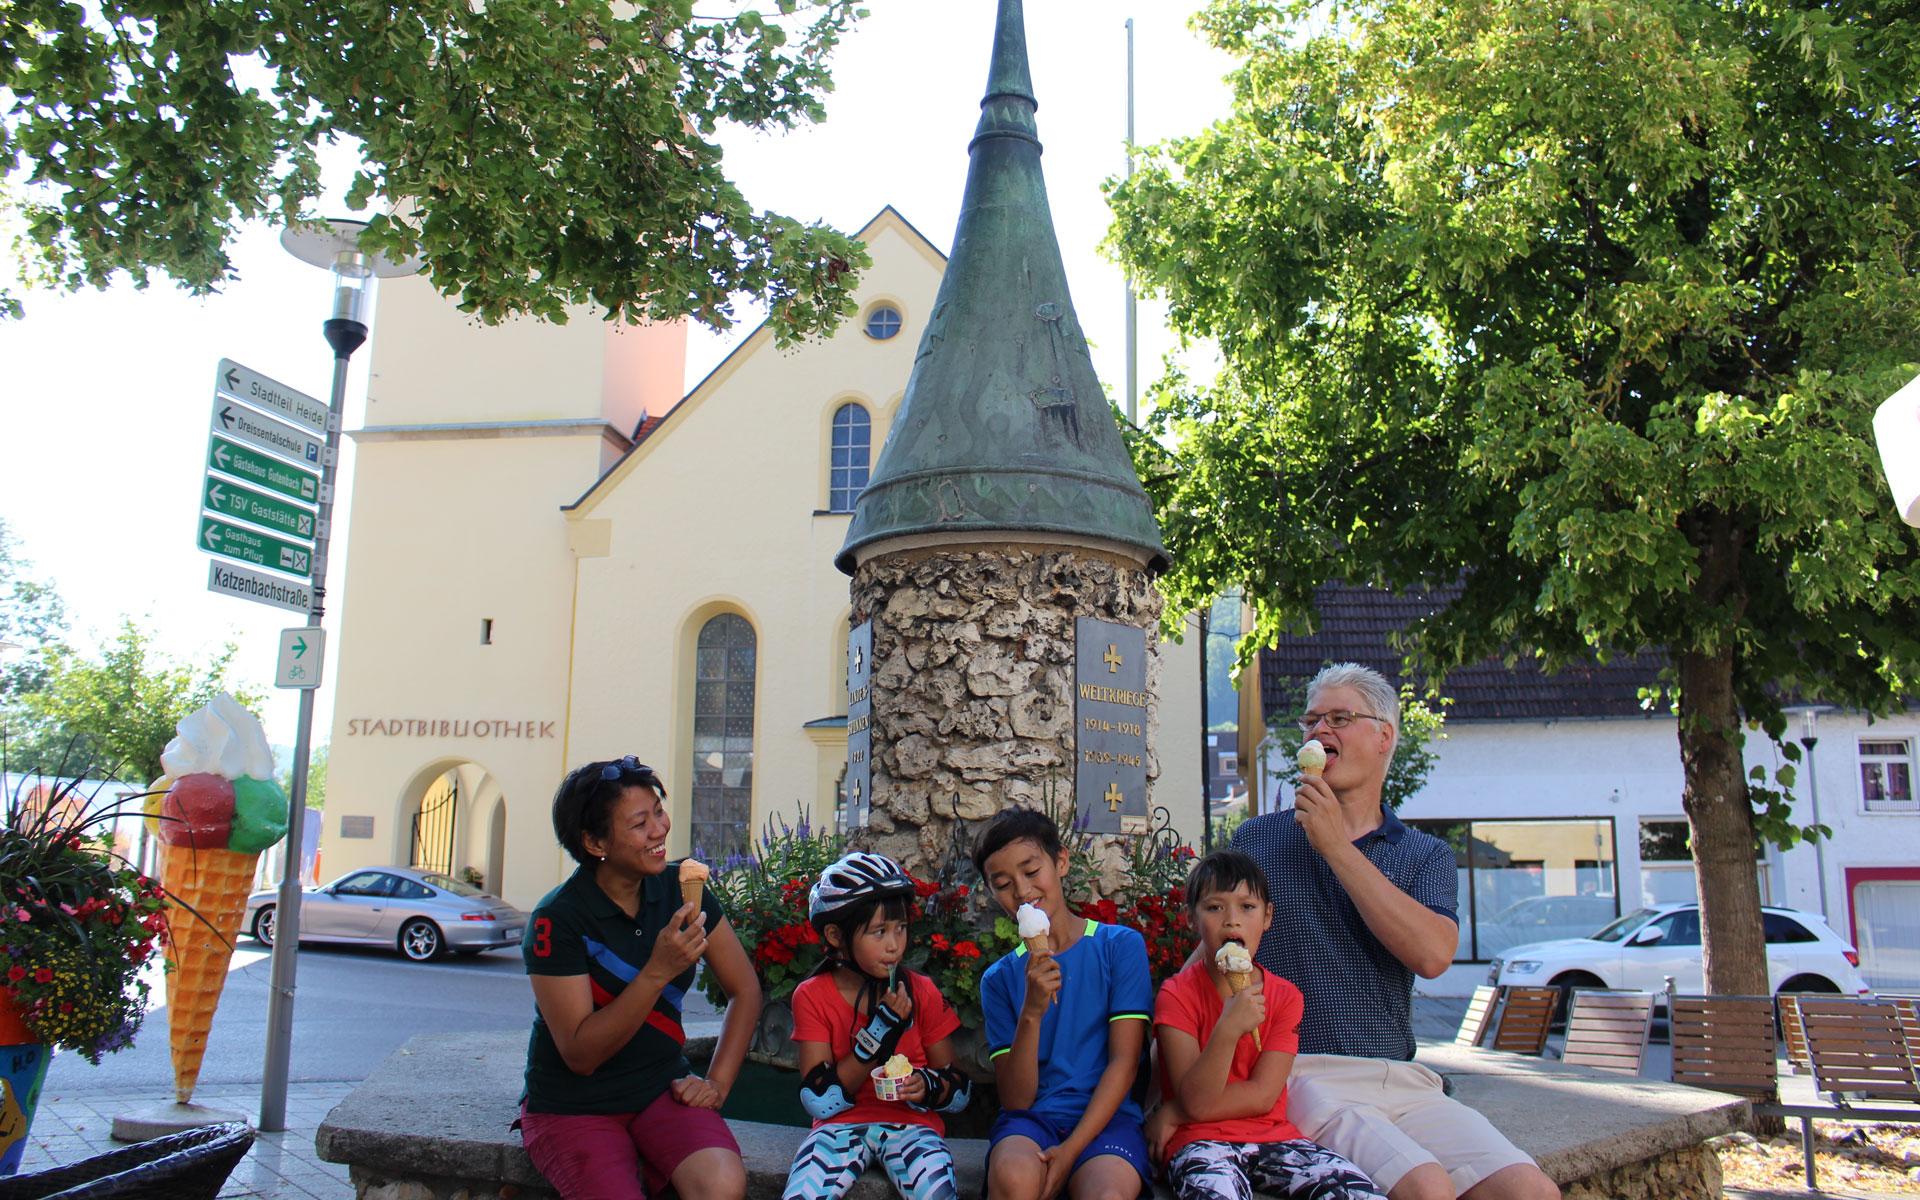 Familie sitzt am Brunnen und isst Eis